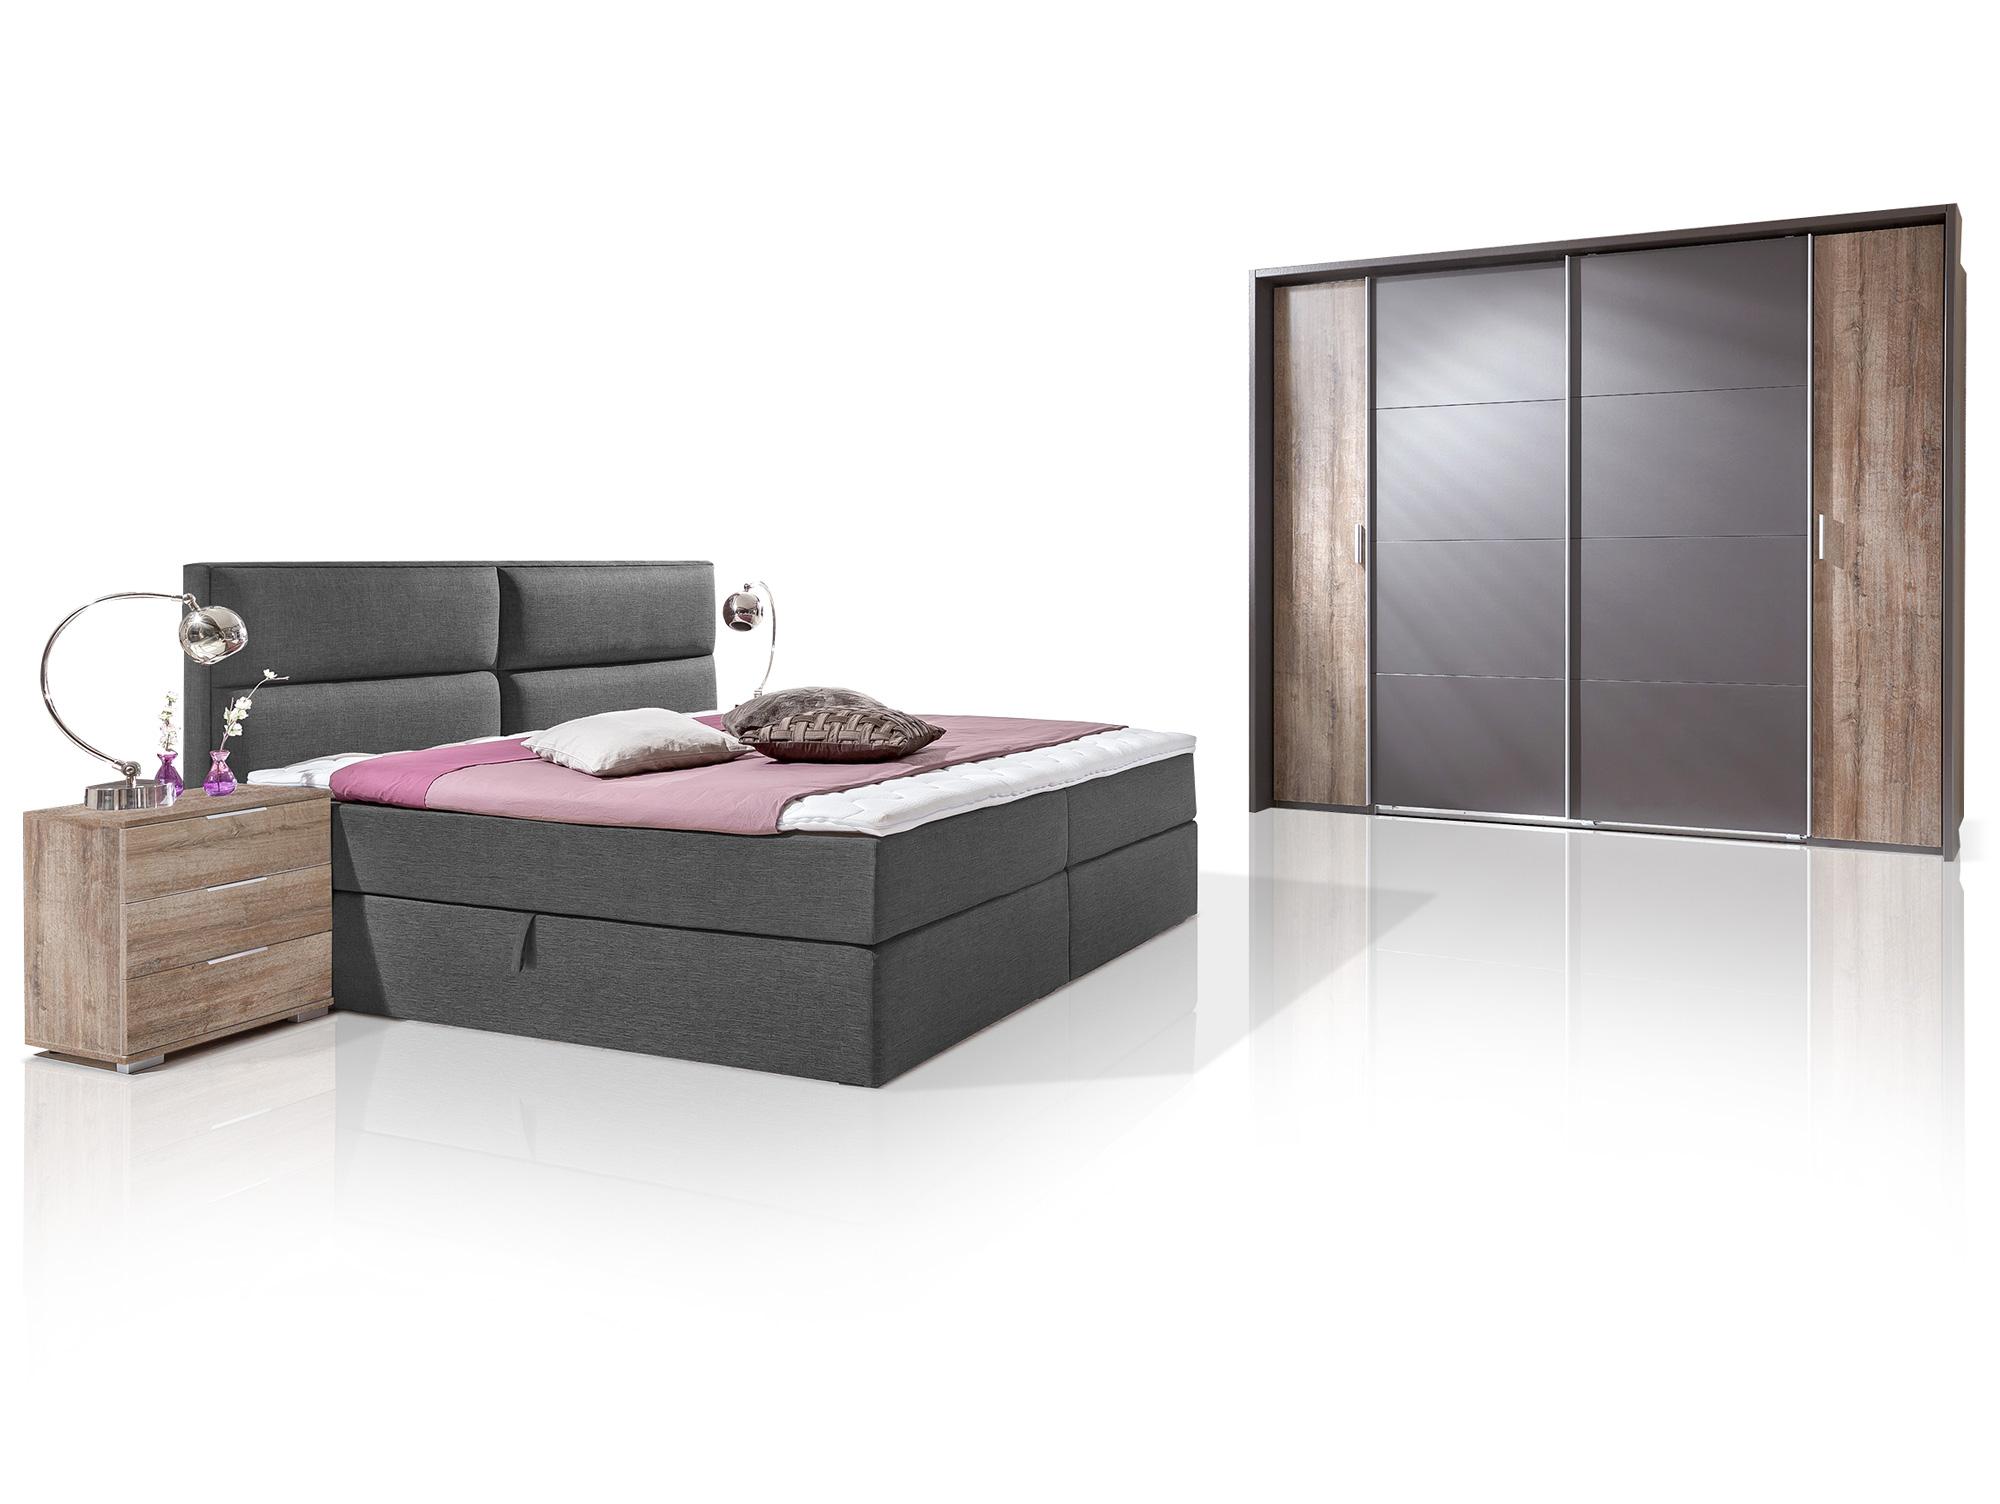 komplett schlafzimmer miami ohne spiegelt ren. Black Bedroom Furniture Sets. Home Design Ideas